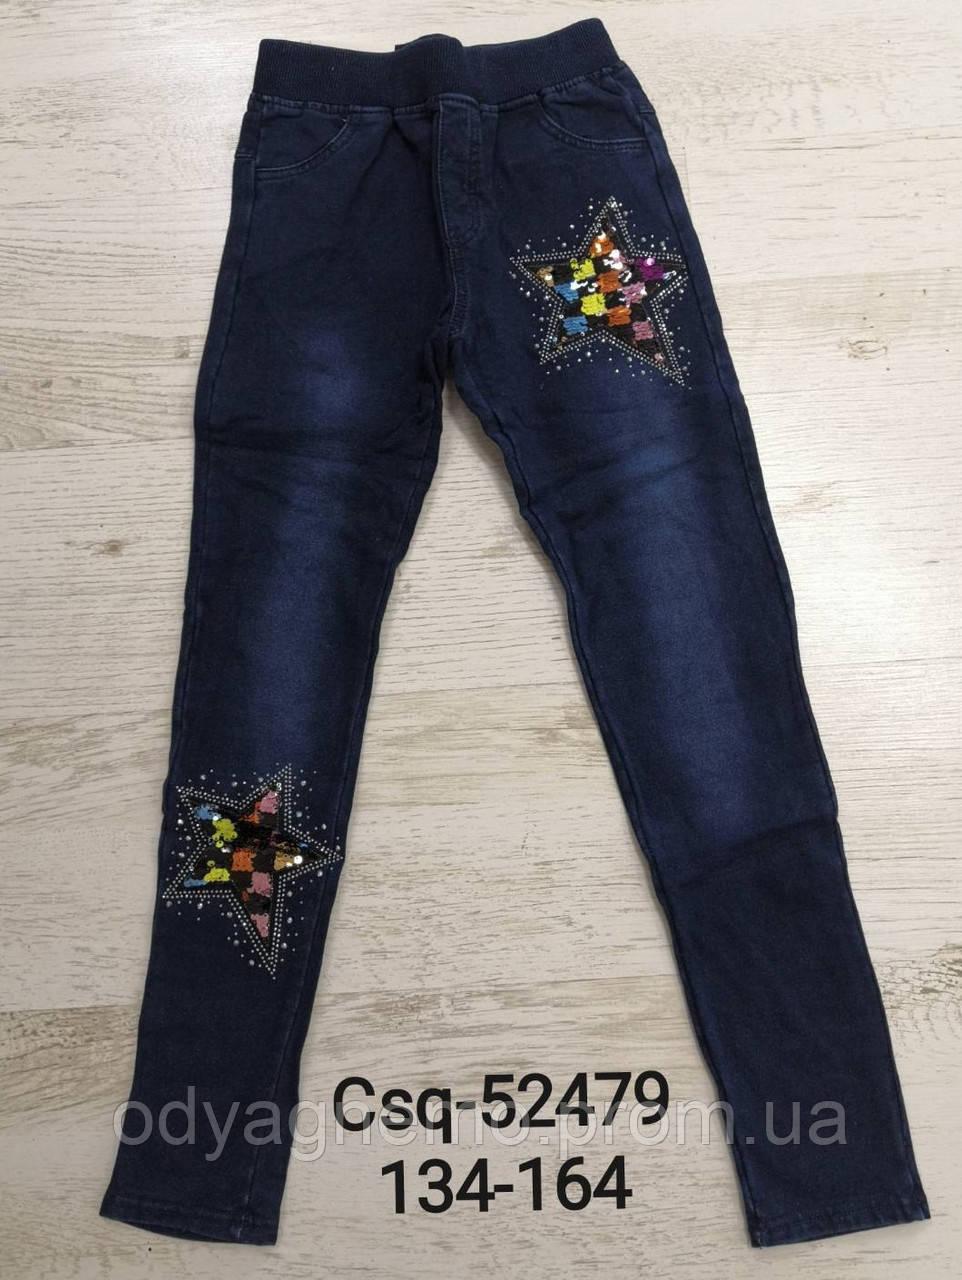 Лосины с имитацией джинсы утепленные для девочек Seagull, 134-164 рр. Артикул: CSQ52479